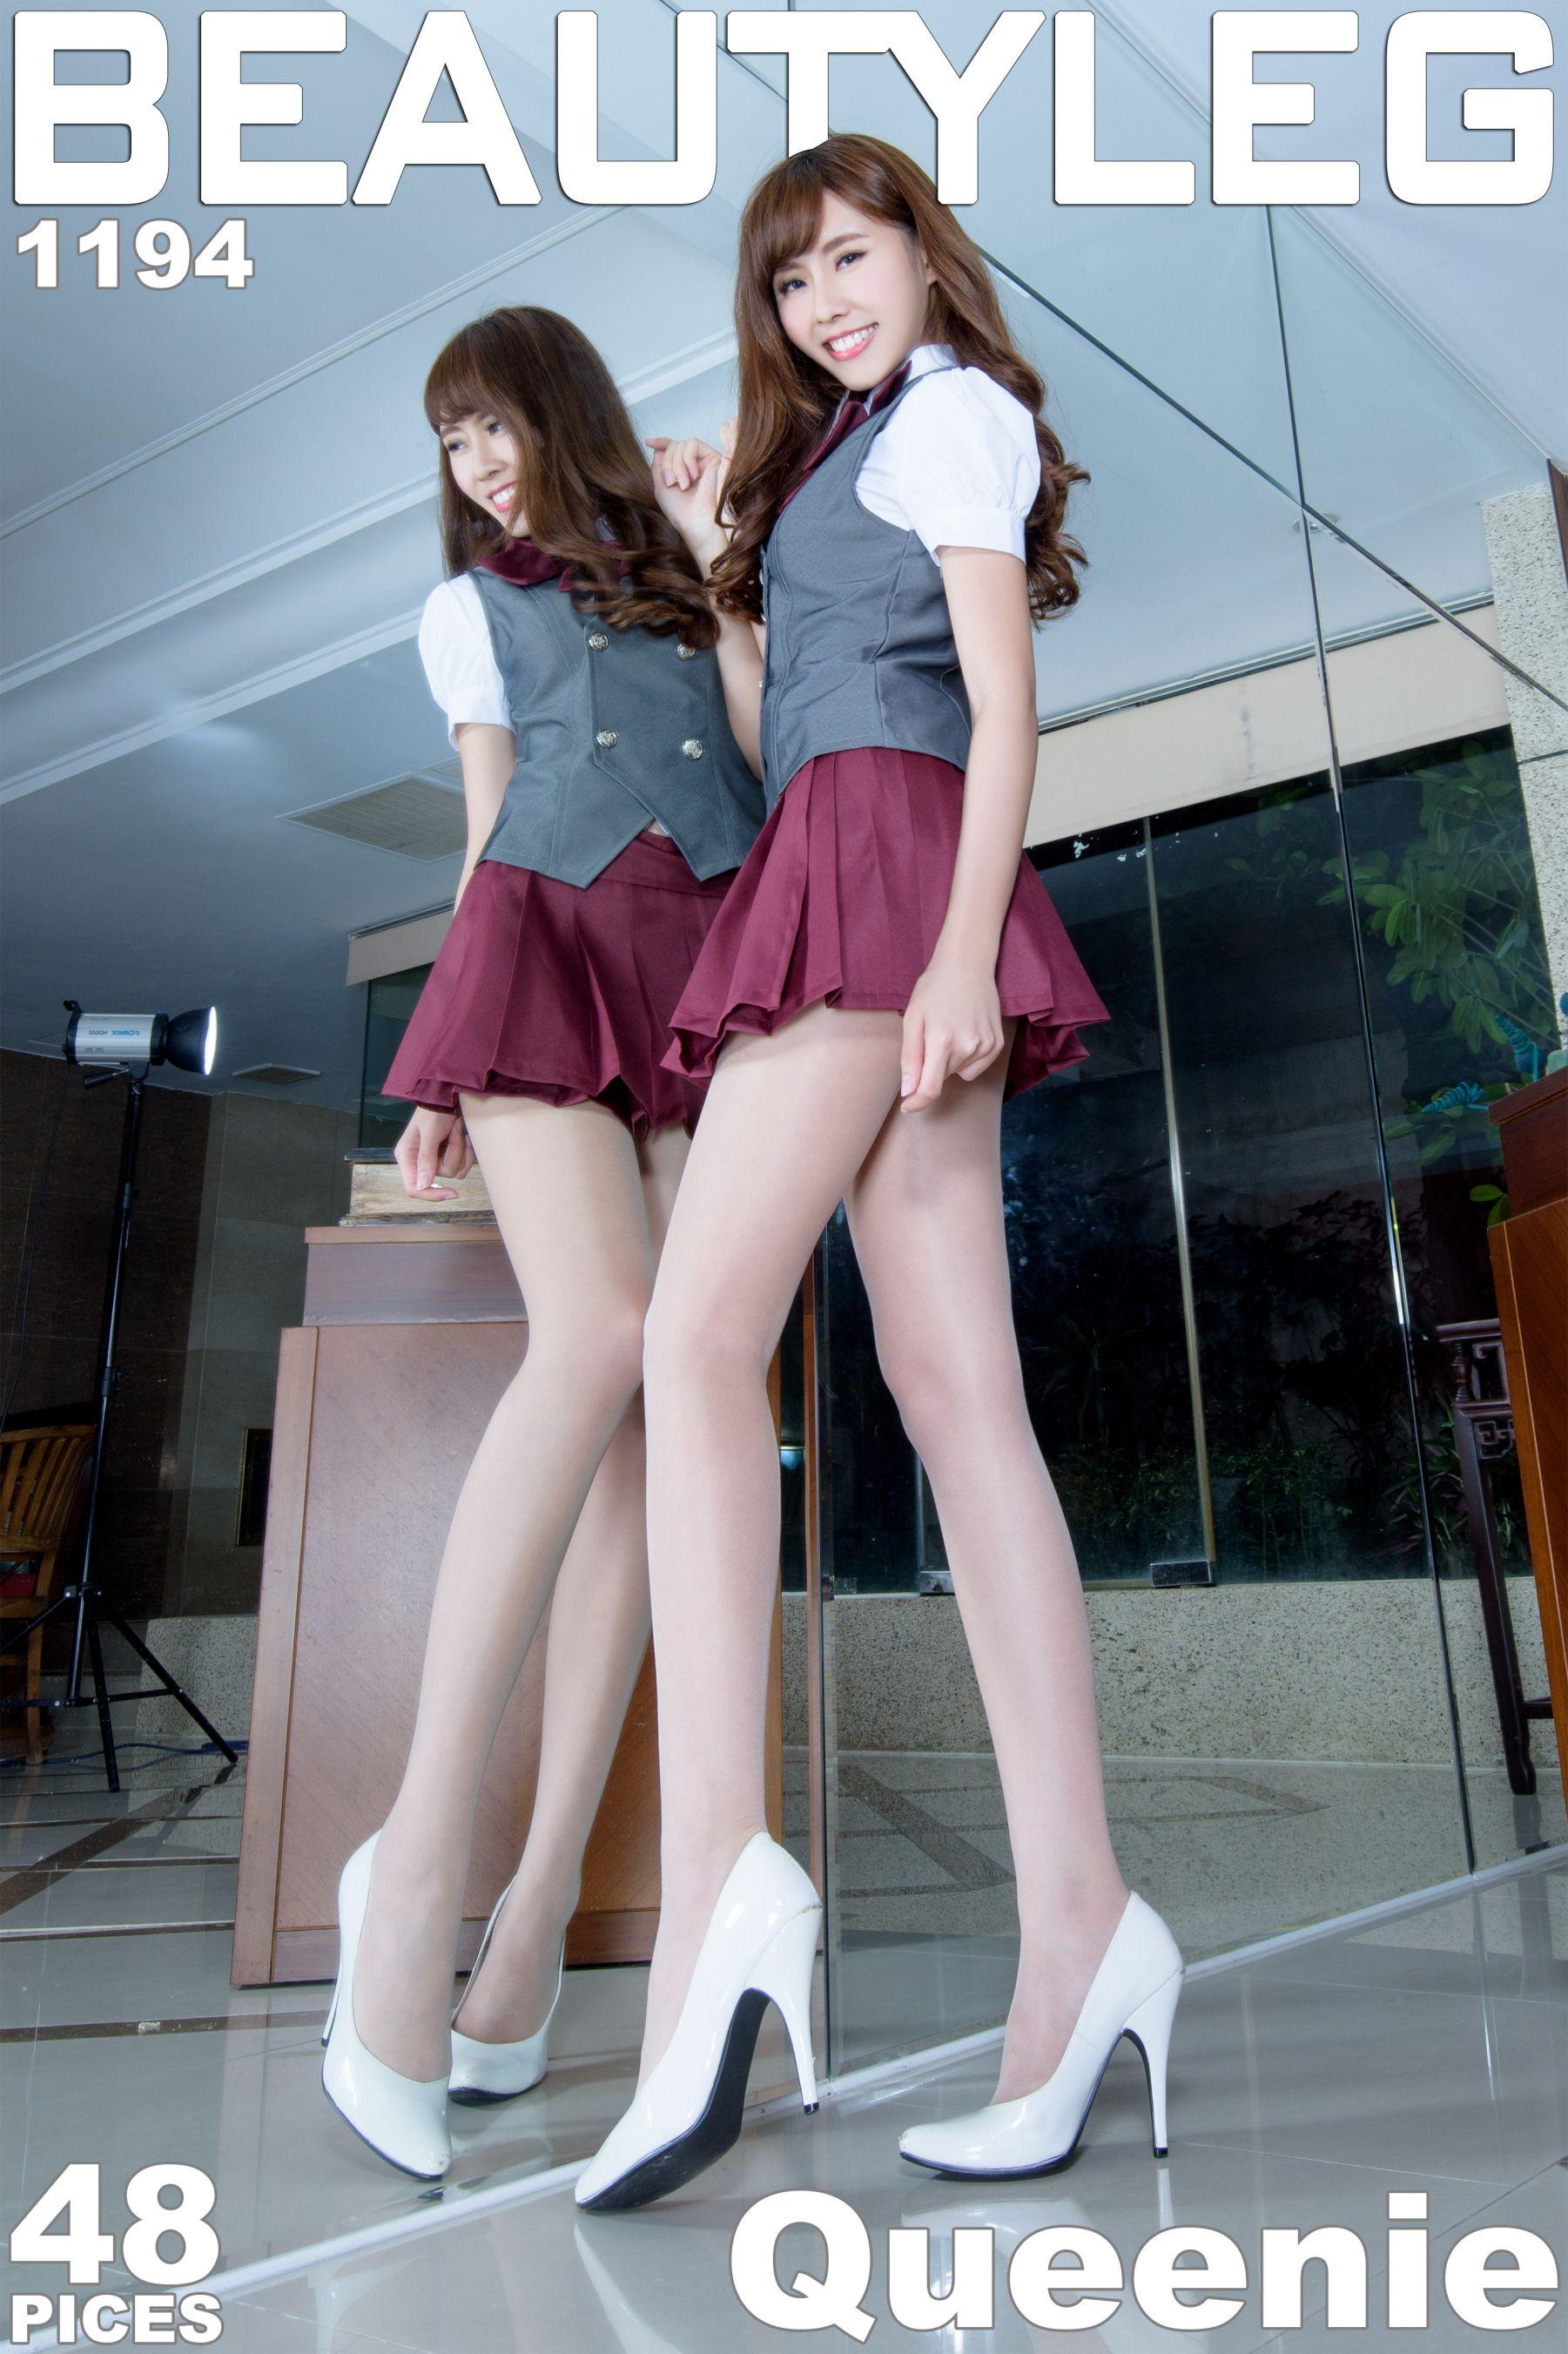 VOL.1299 [Beautyleg]制服高跟美腿:郭珉妏(腿模Queenie)高品质写真套图(43P)